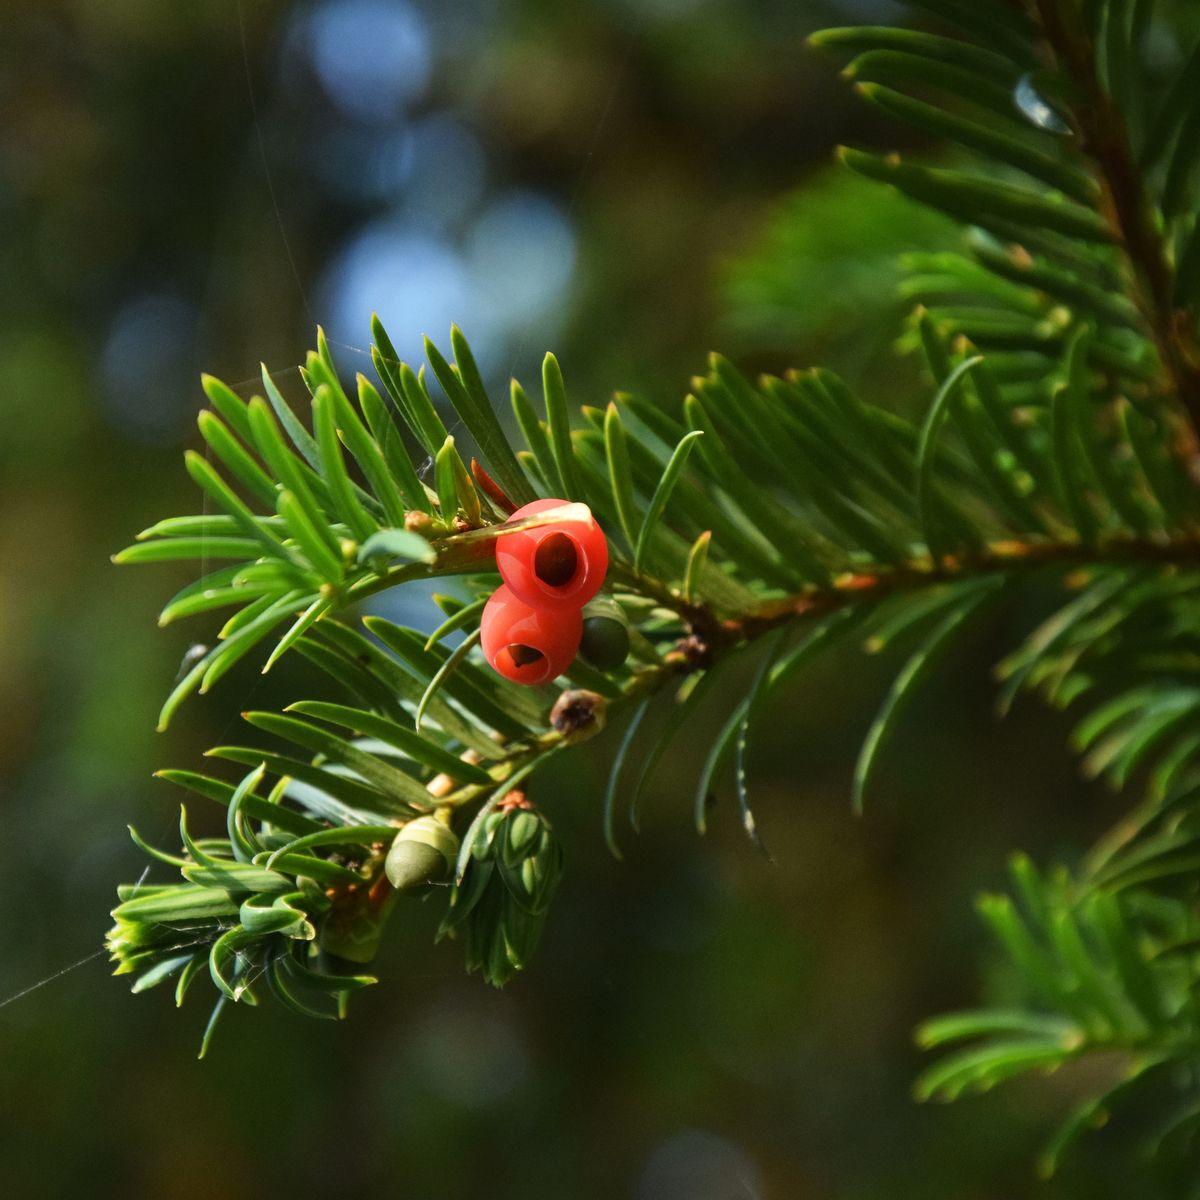 Geliebte Starke Baumtypen: Die alte Eibe in Balderschwang - Baumpflegeportal #PI_78